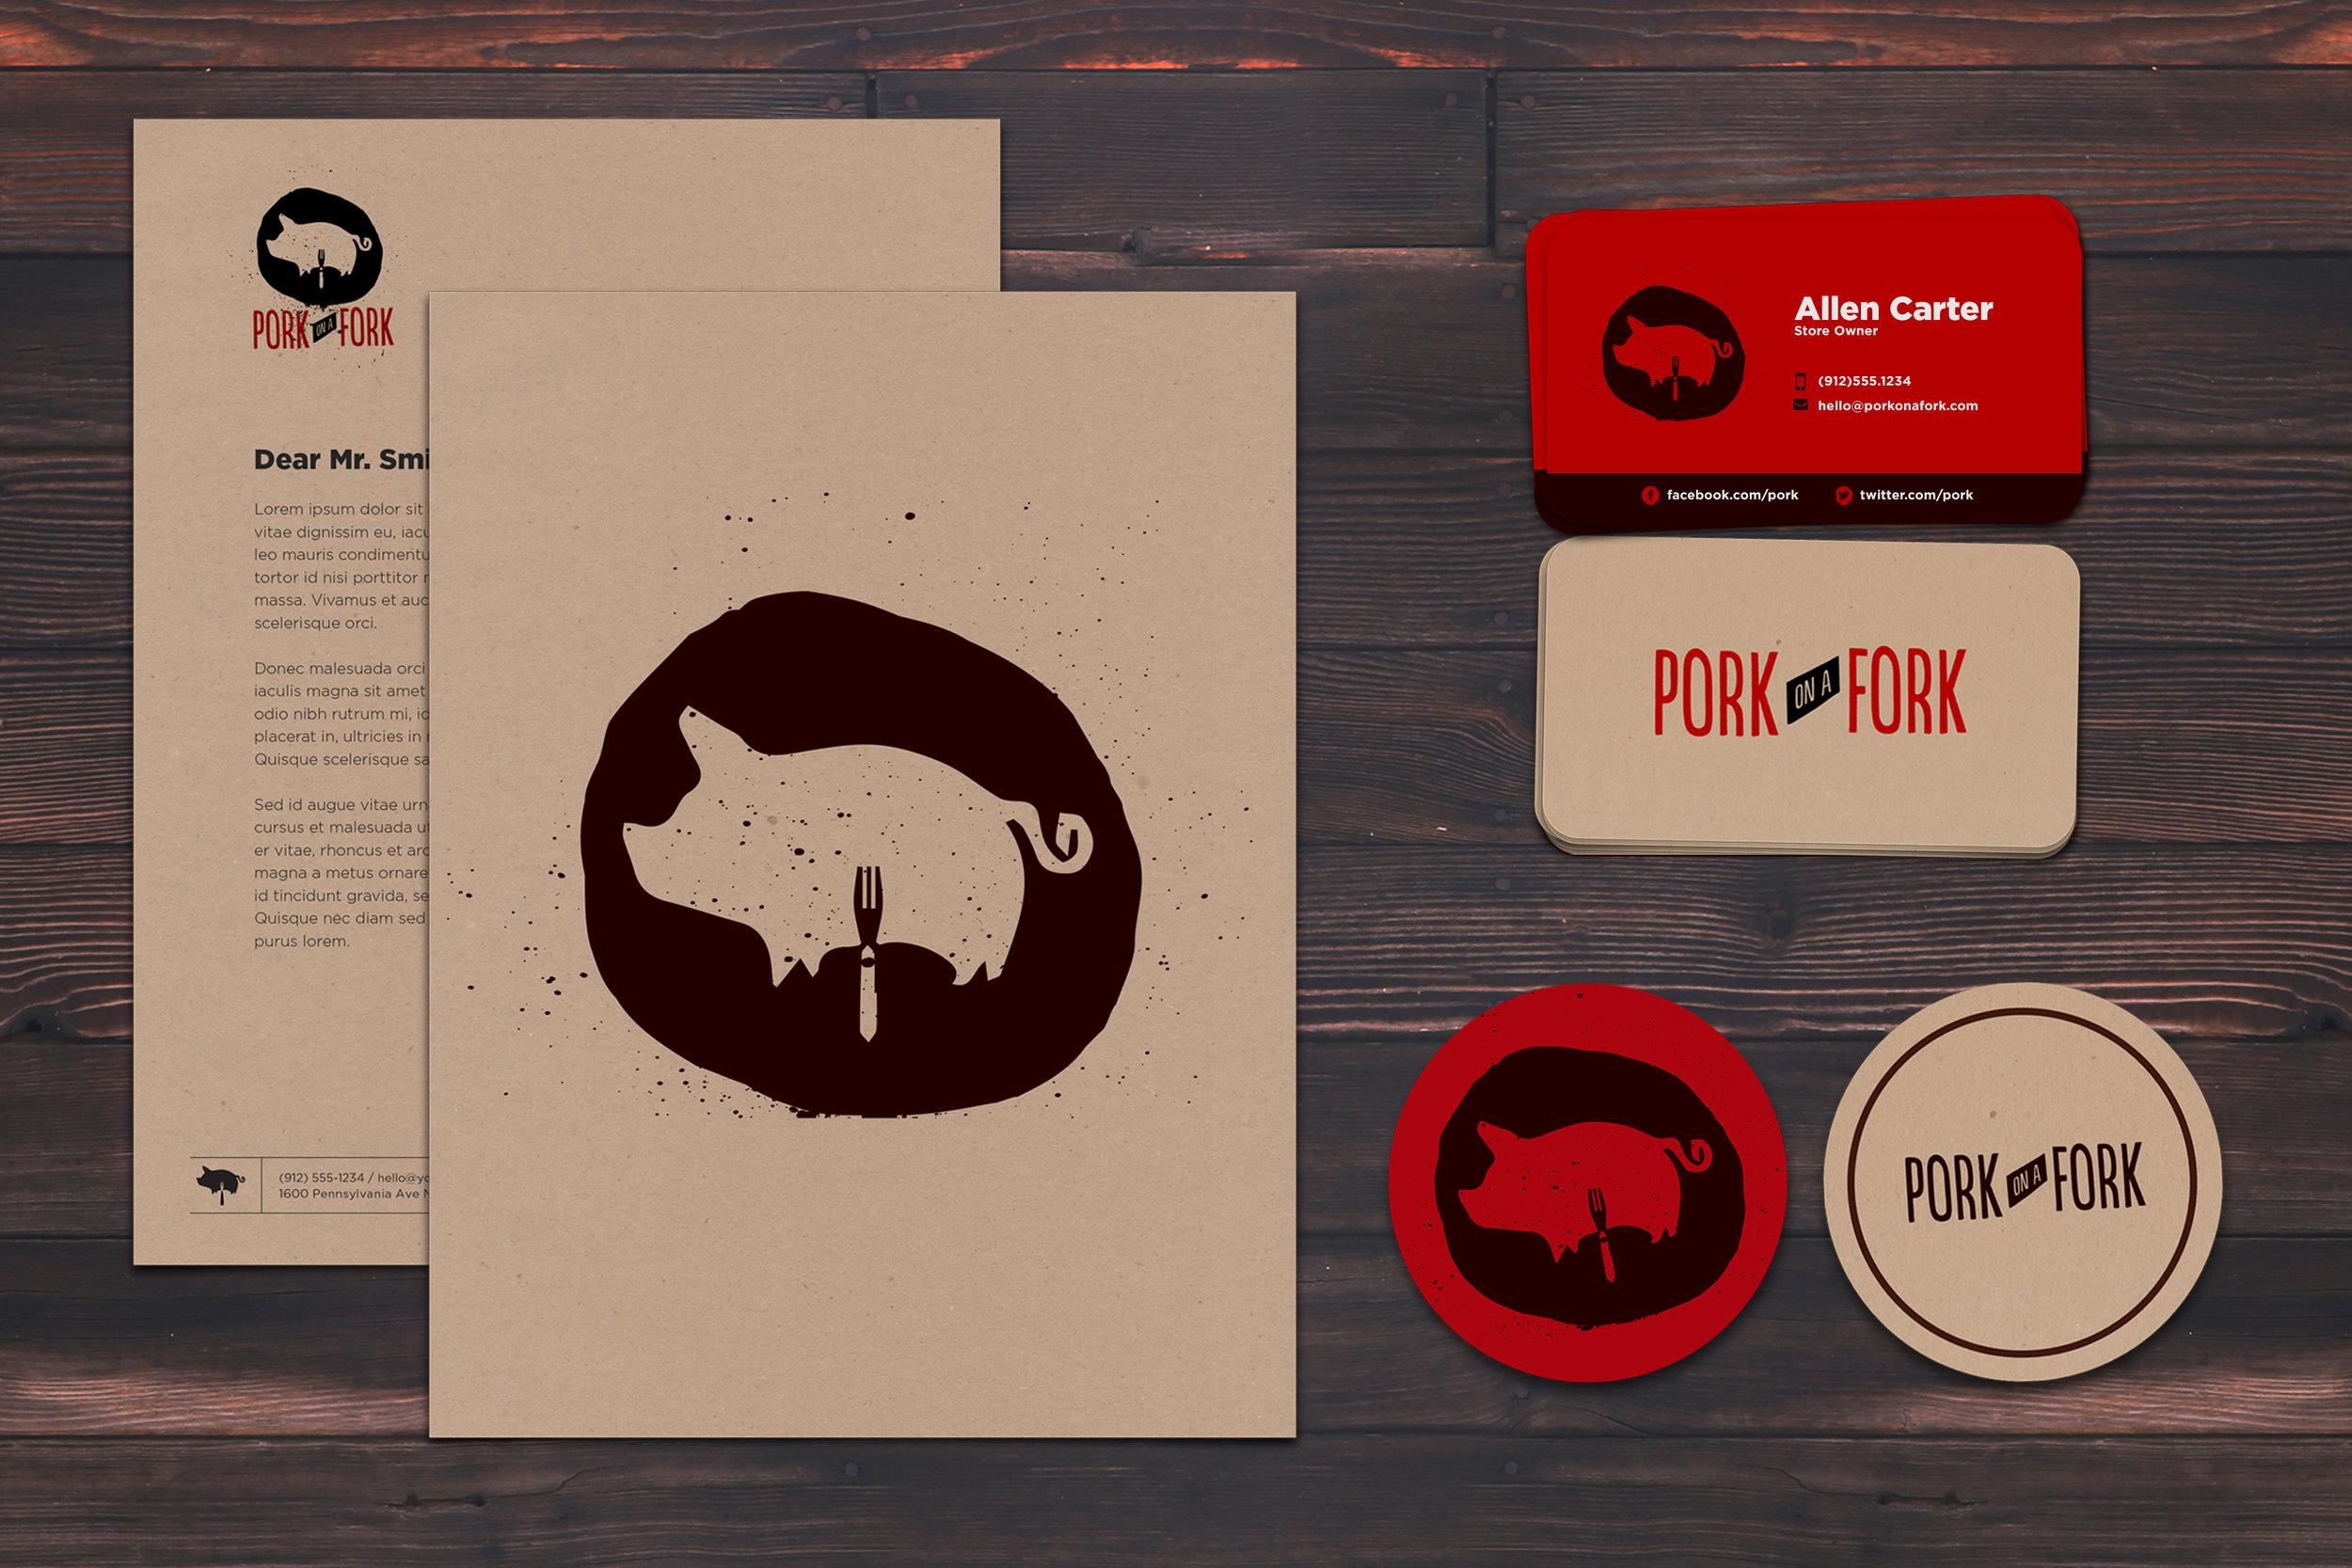 Pork on a fork.jpg